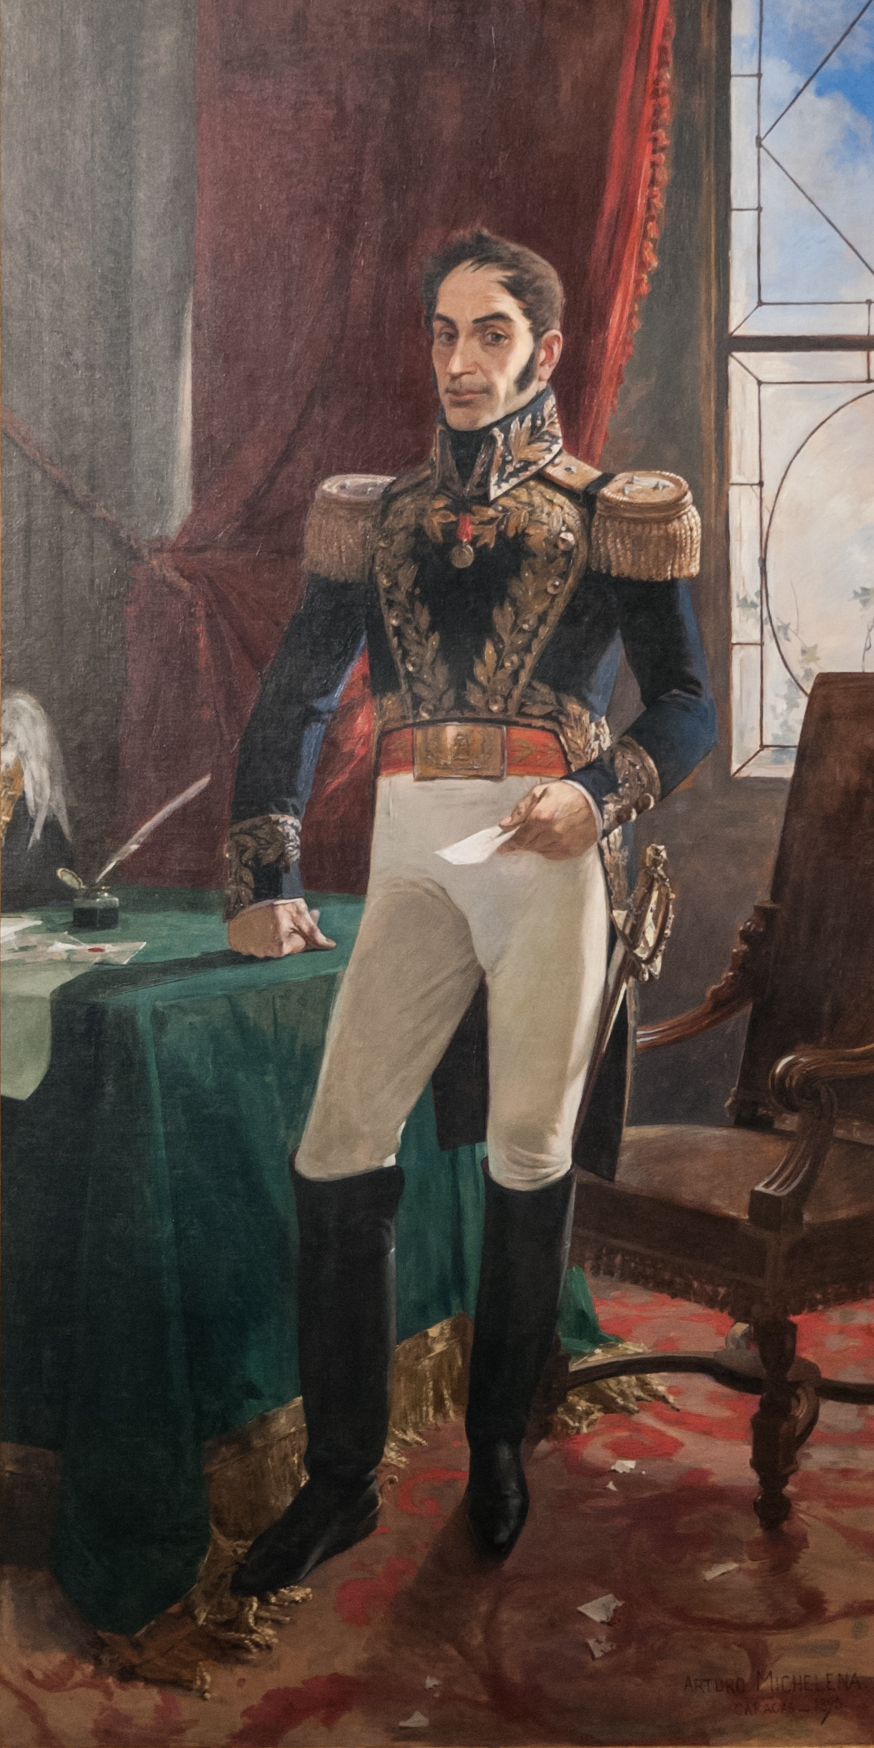 Simón Bolívar, El Libertador, Hero of the Venezuelan War of Independence